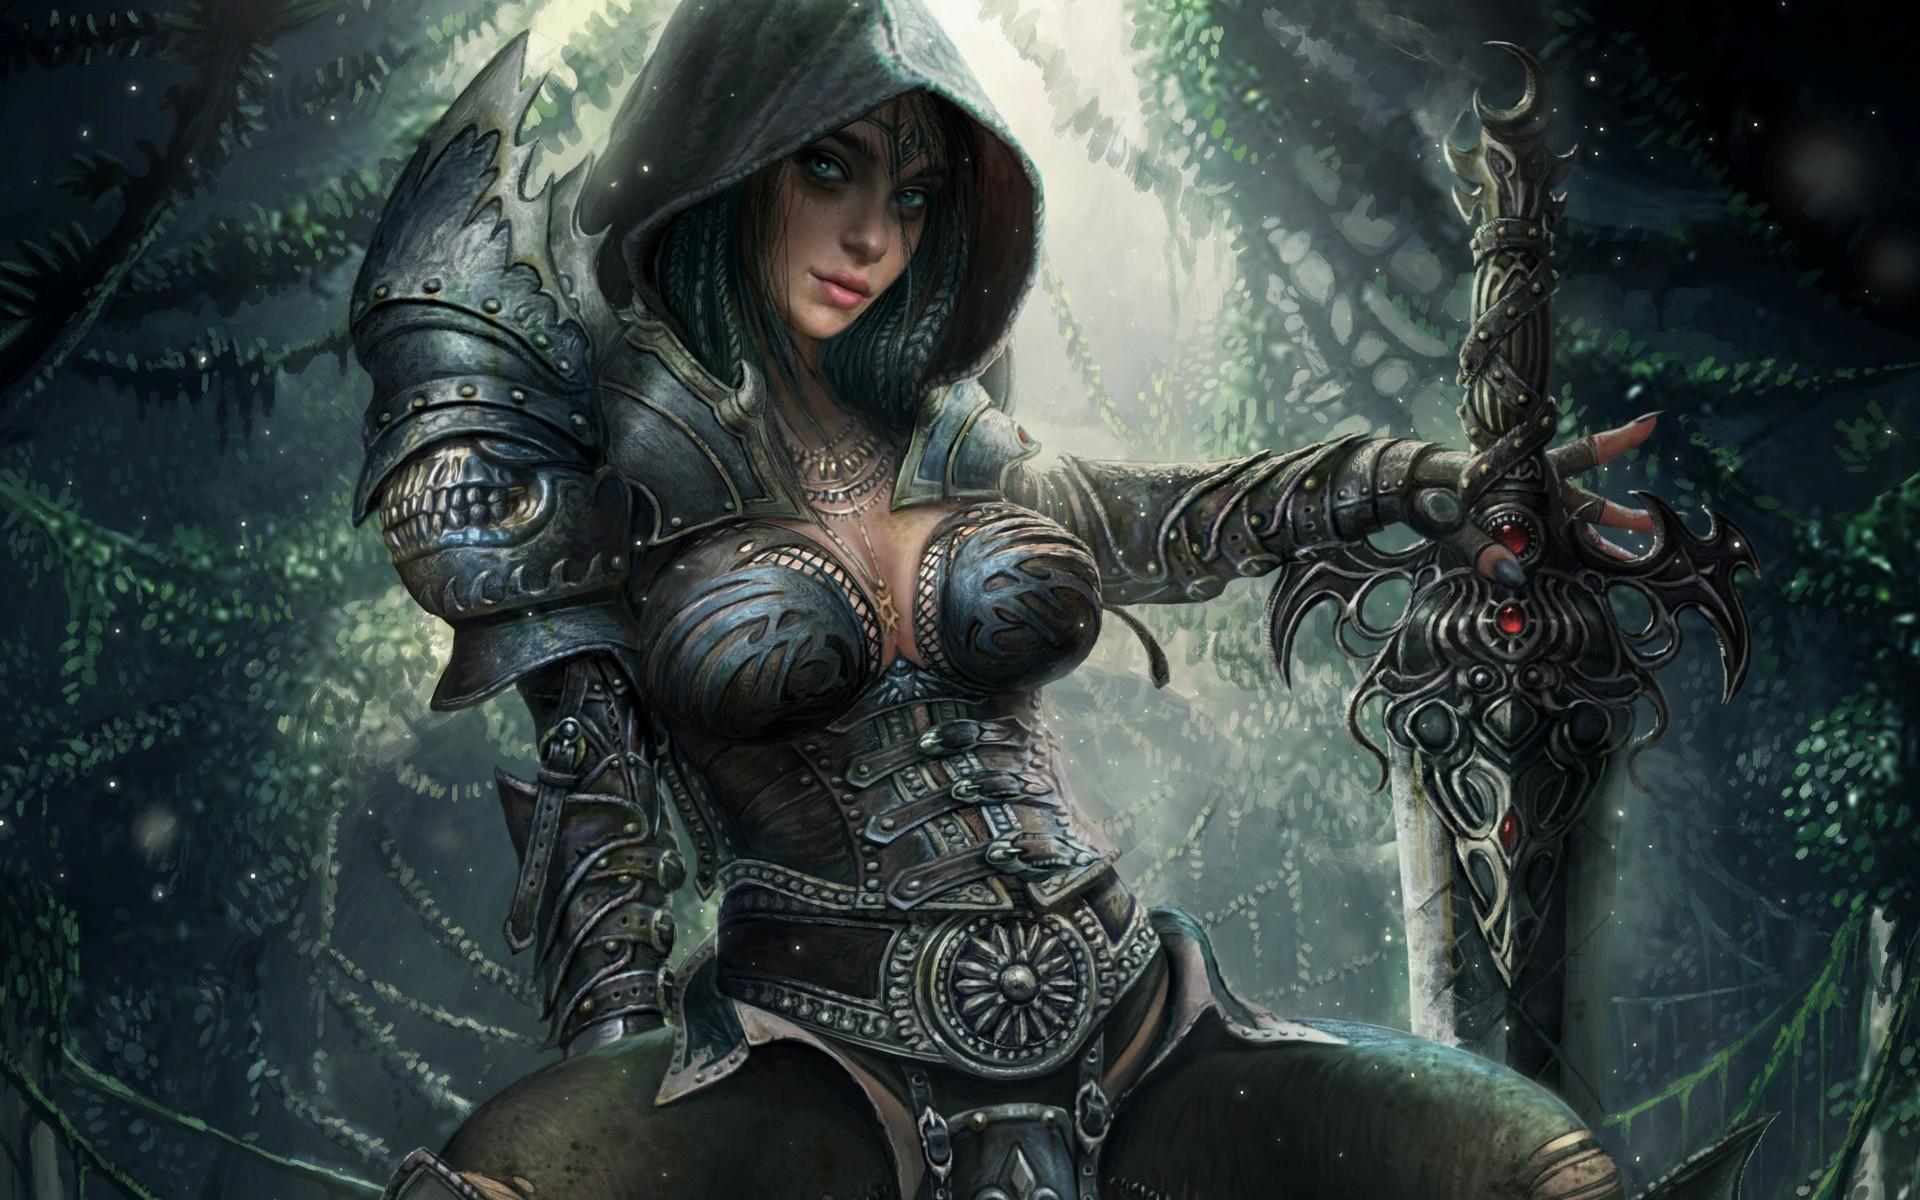 фото фэнтези девушки воины как опытный